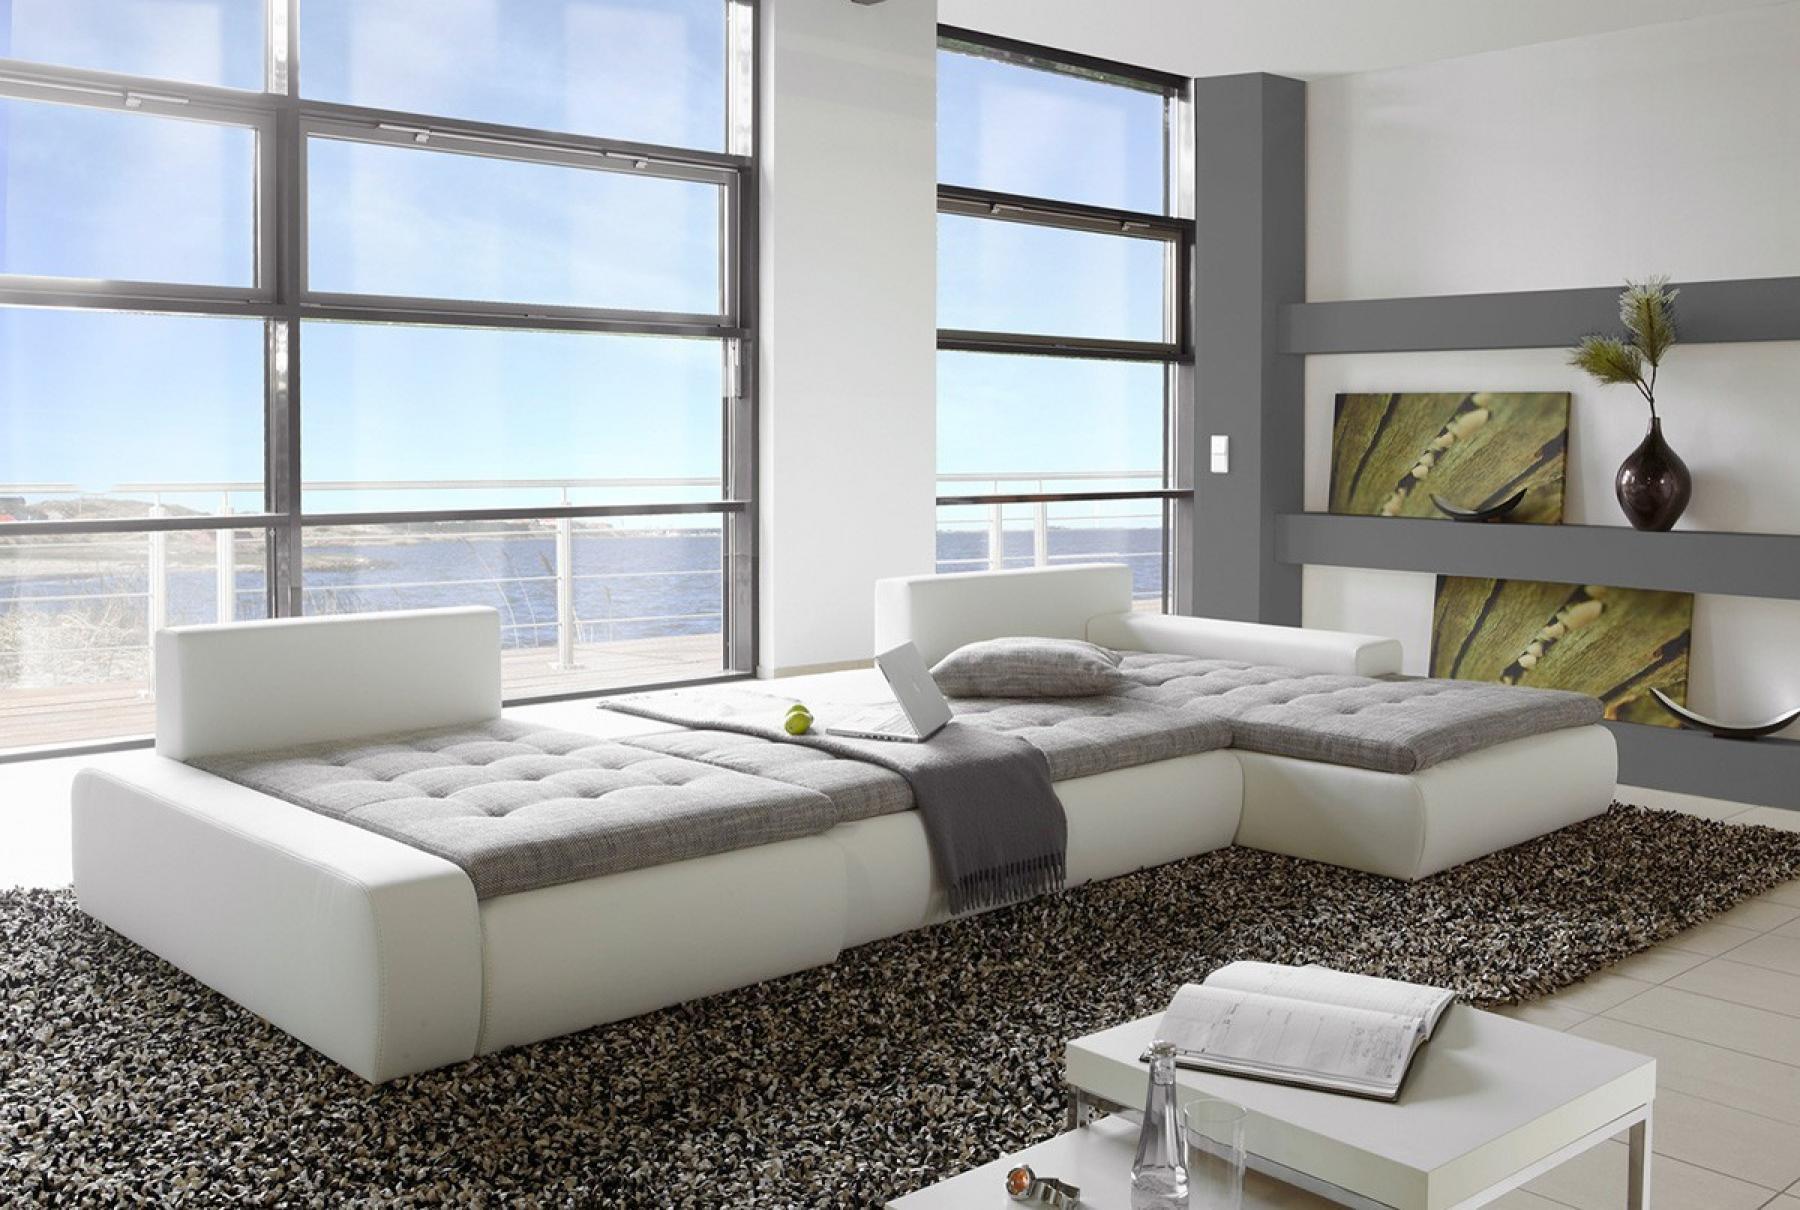 photos canap d 39 angle convertible gris et blanc pas cher. Black Bedroom Furniture Sets. Home Design Ideas